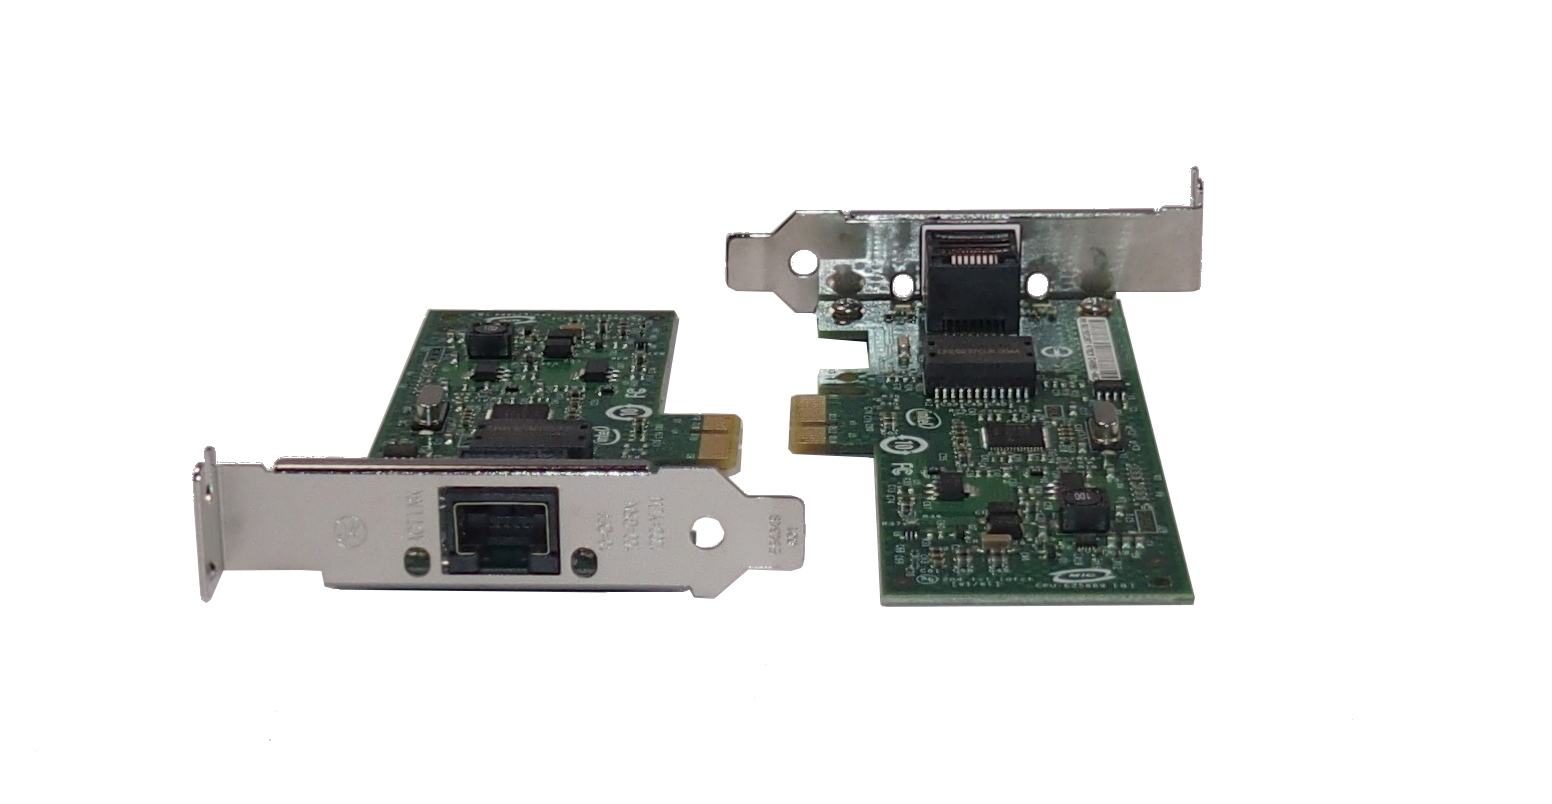 Two(2) x Intel E46981-008 PCI-e LP Gigabit CT Desktop Network Interface Card